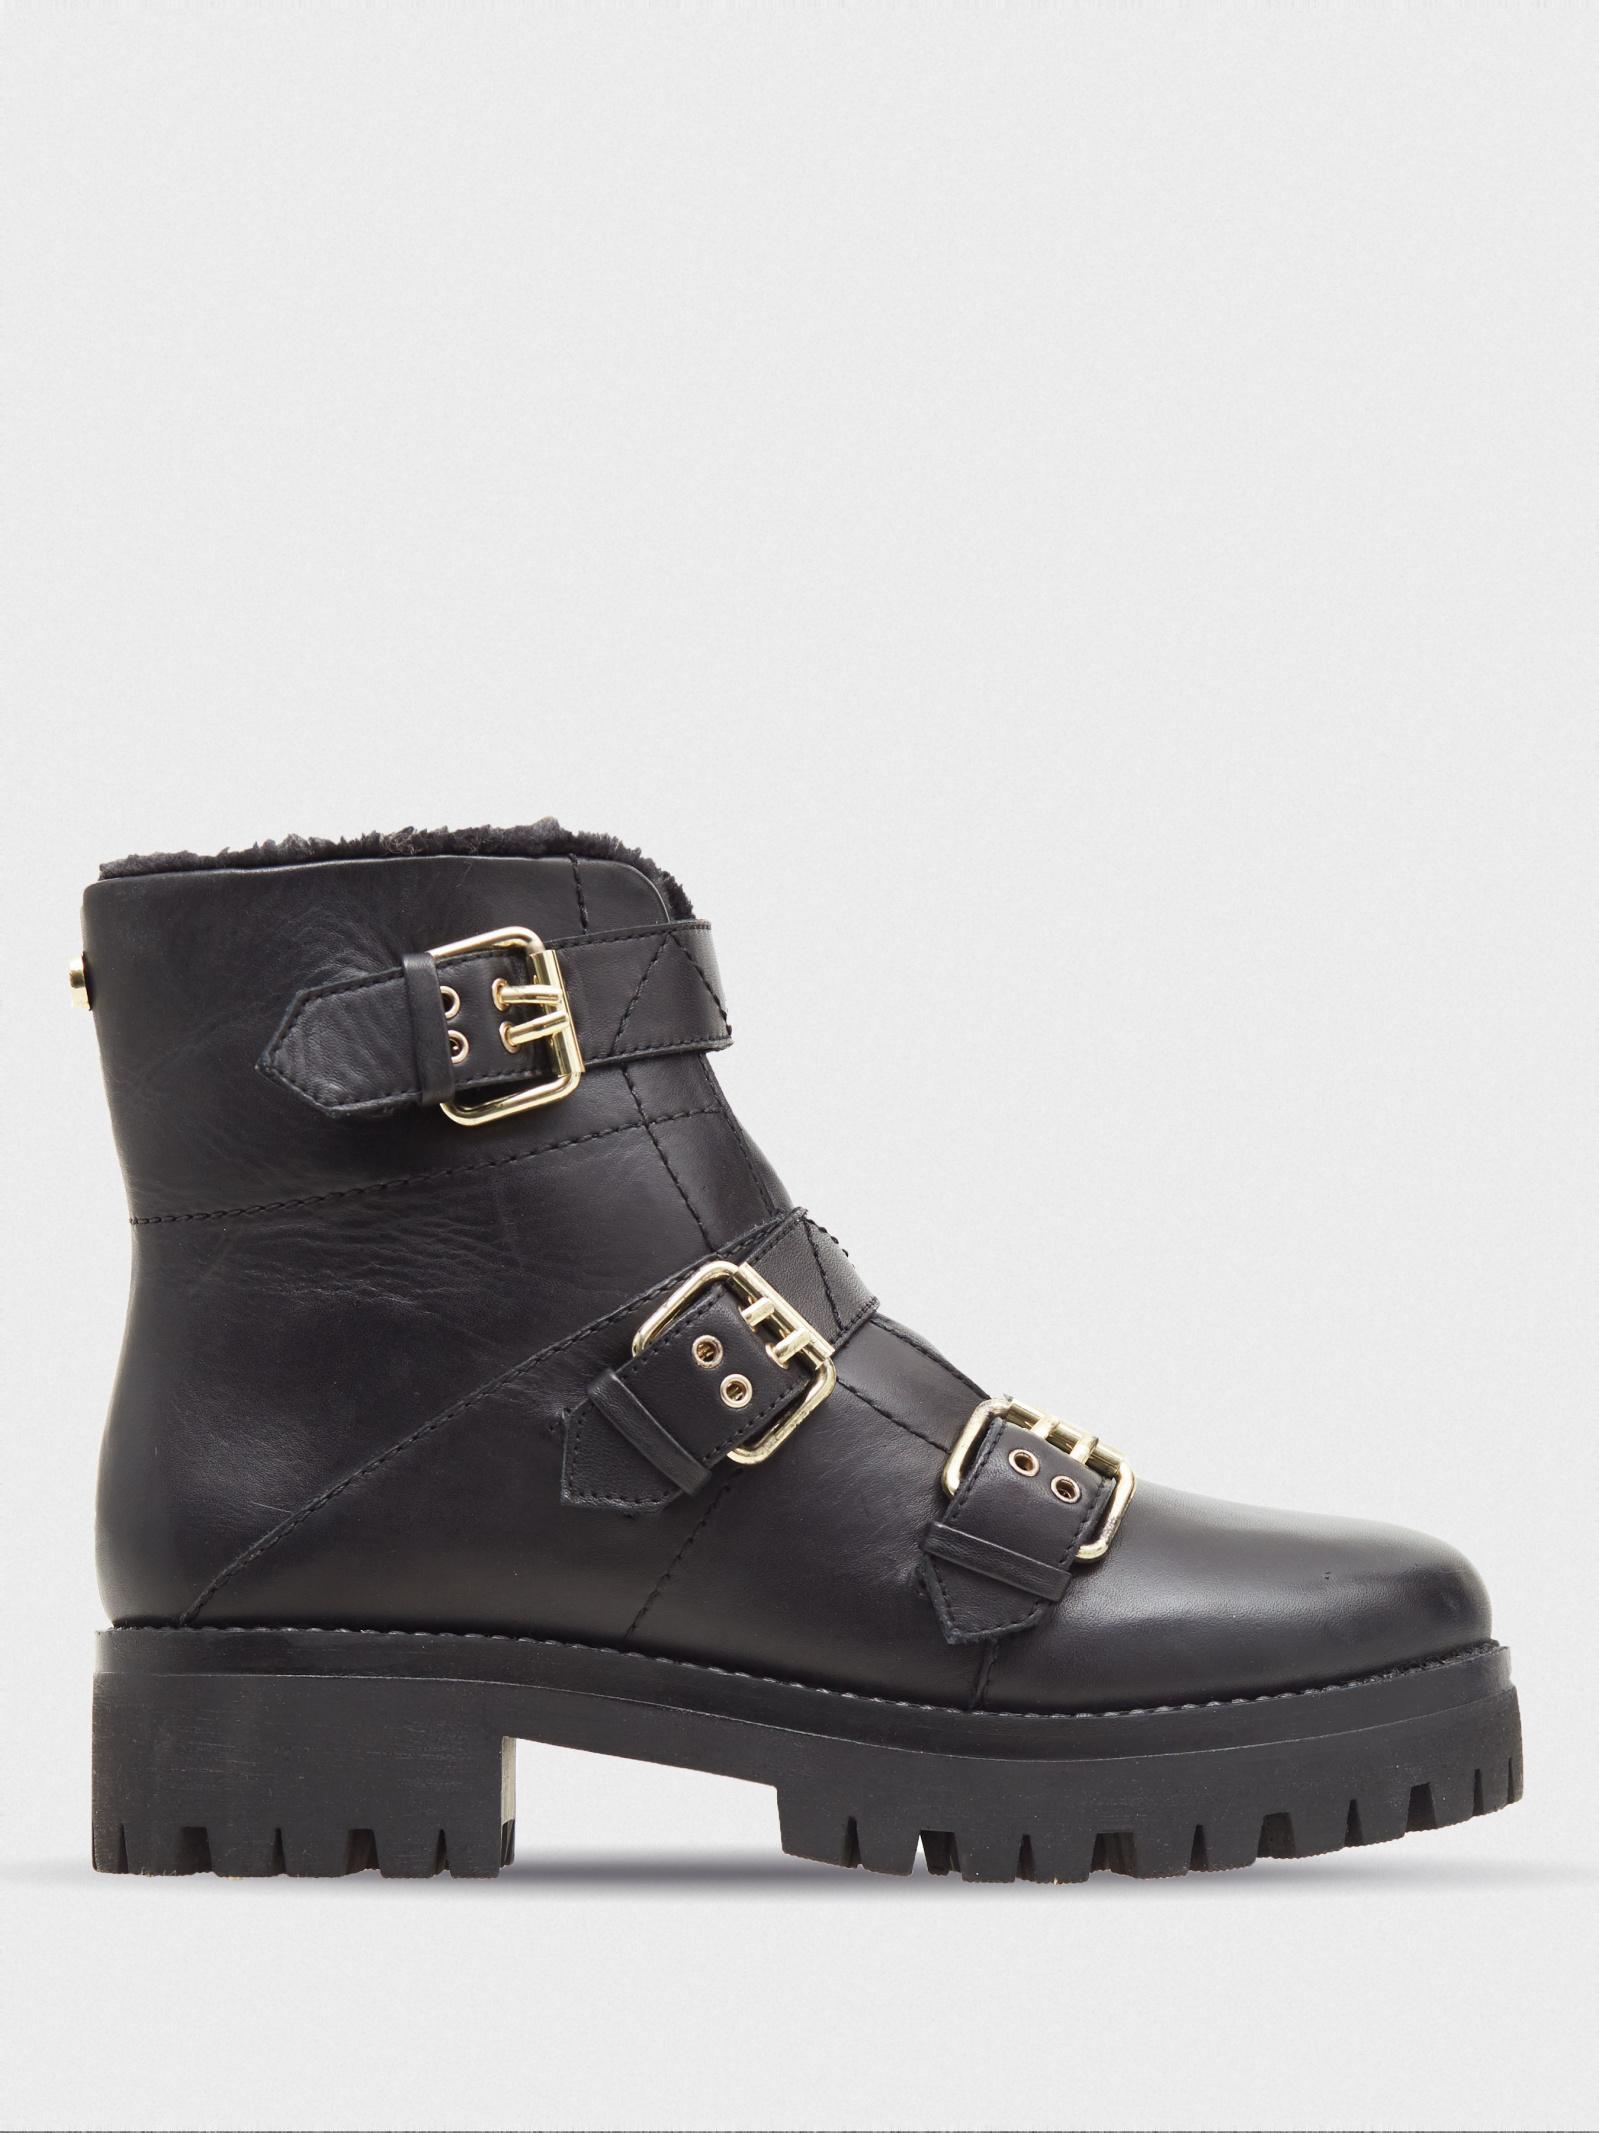 Ботинки для женщин Steve Madden 9T109 стоимость, 2017